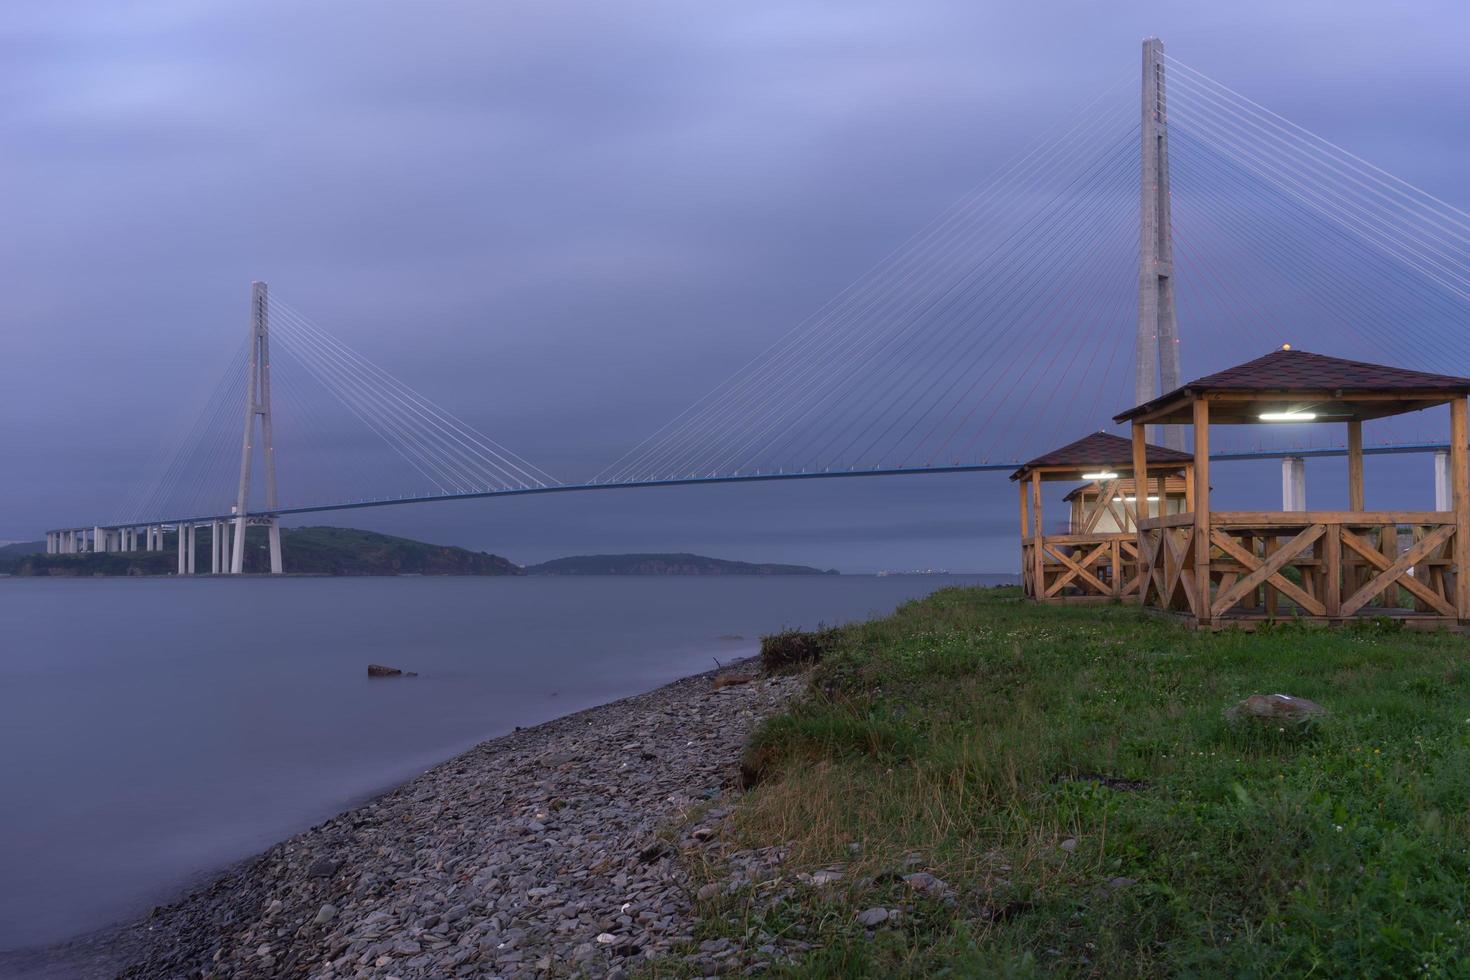 Puente russky y cuerpo de agua en Vladivostok, Rusia foto